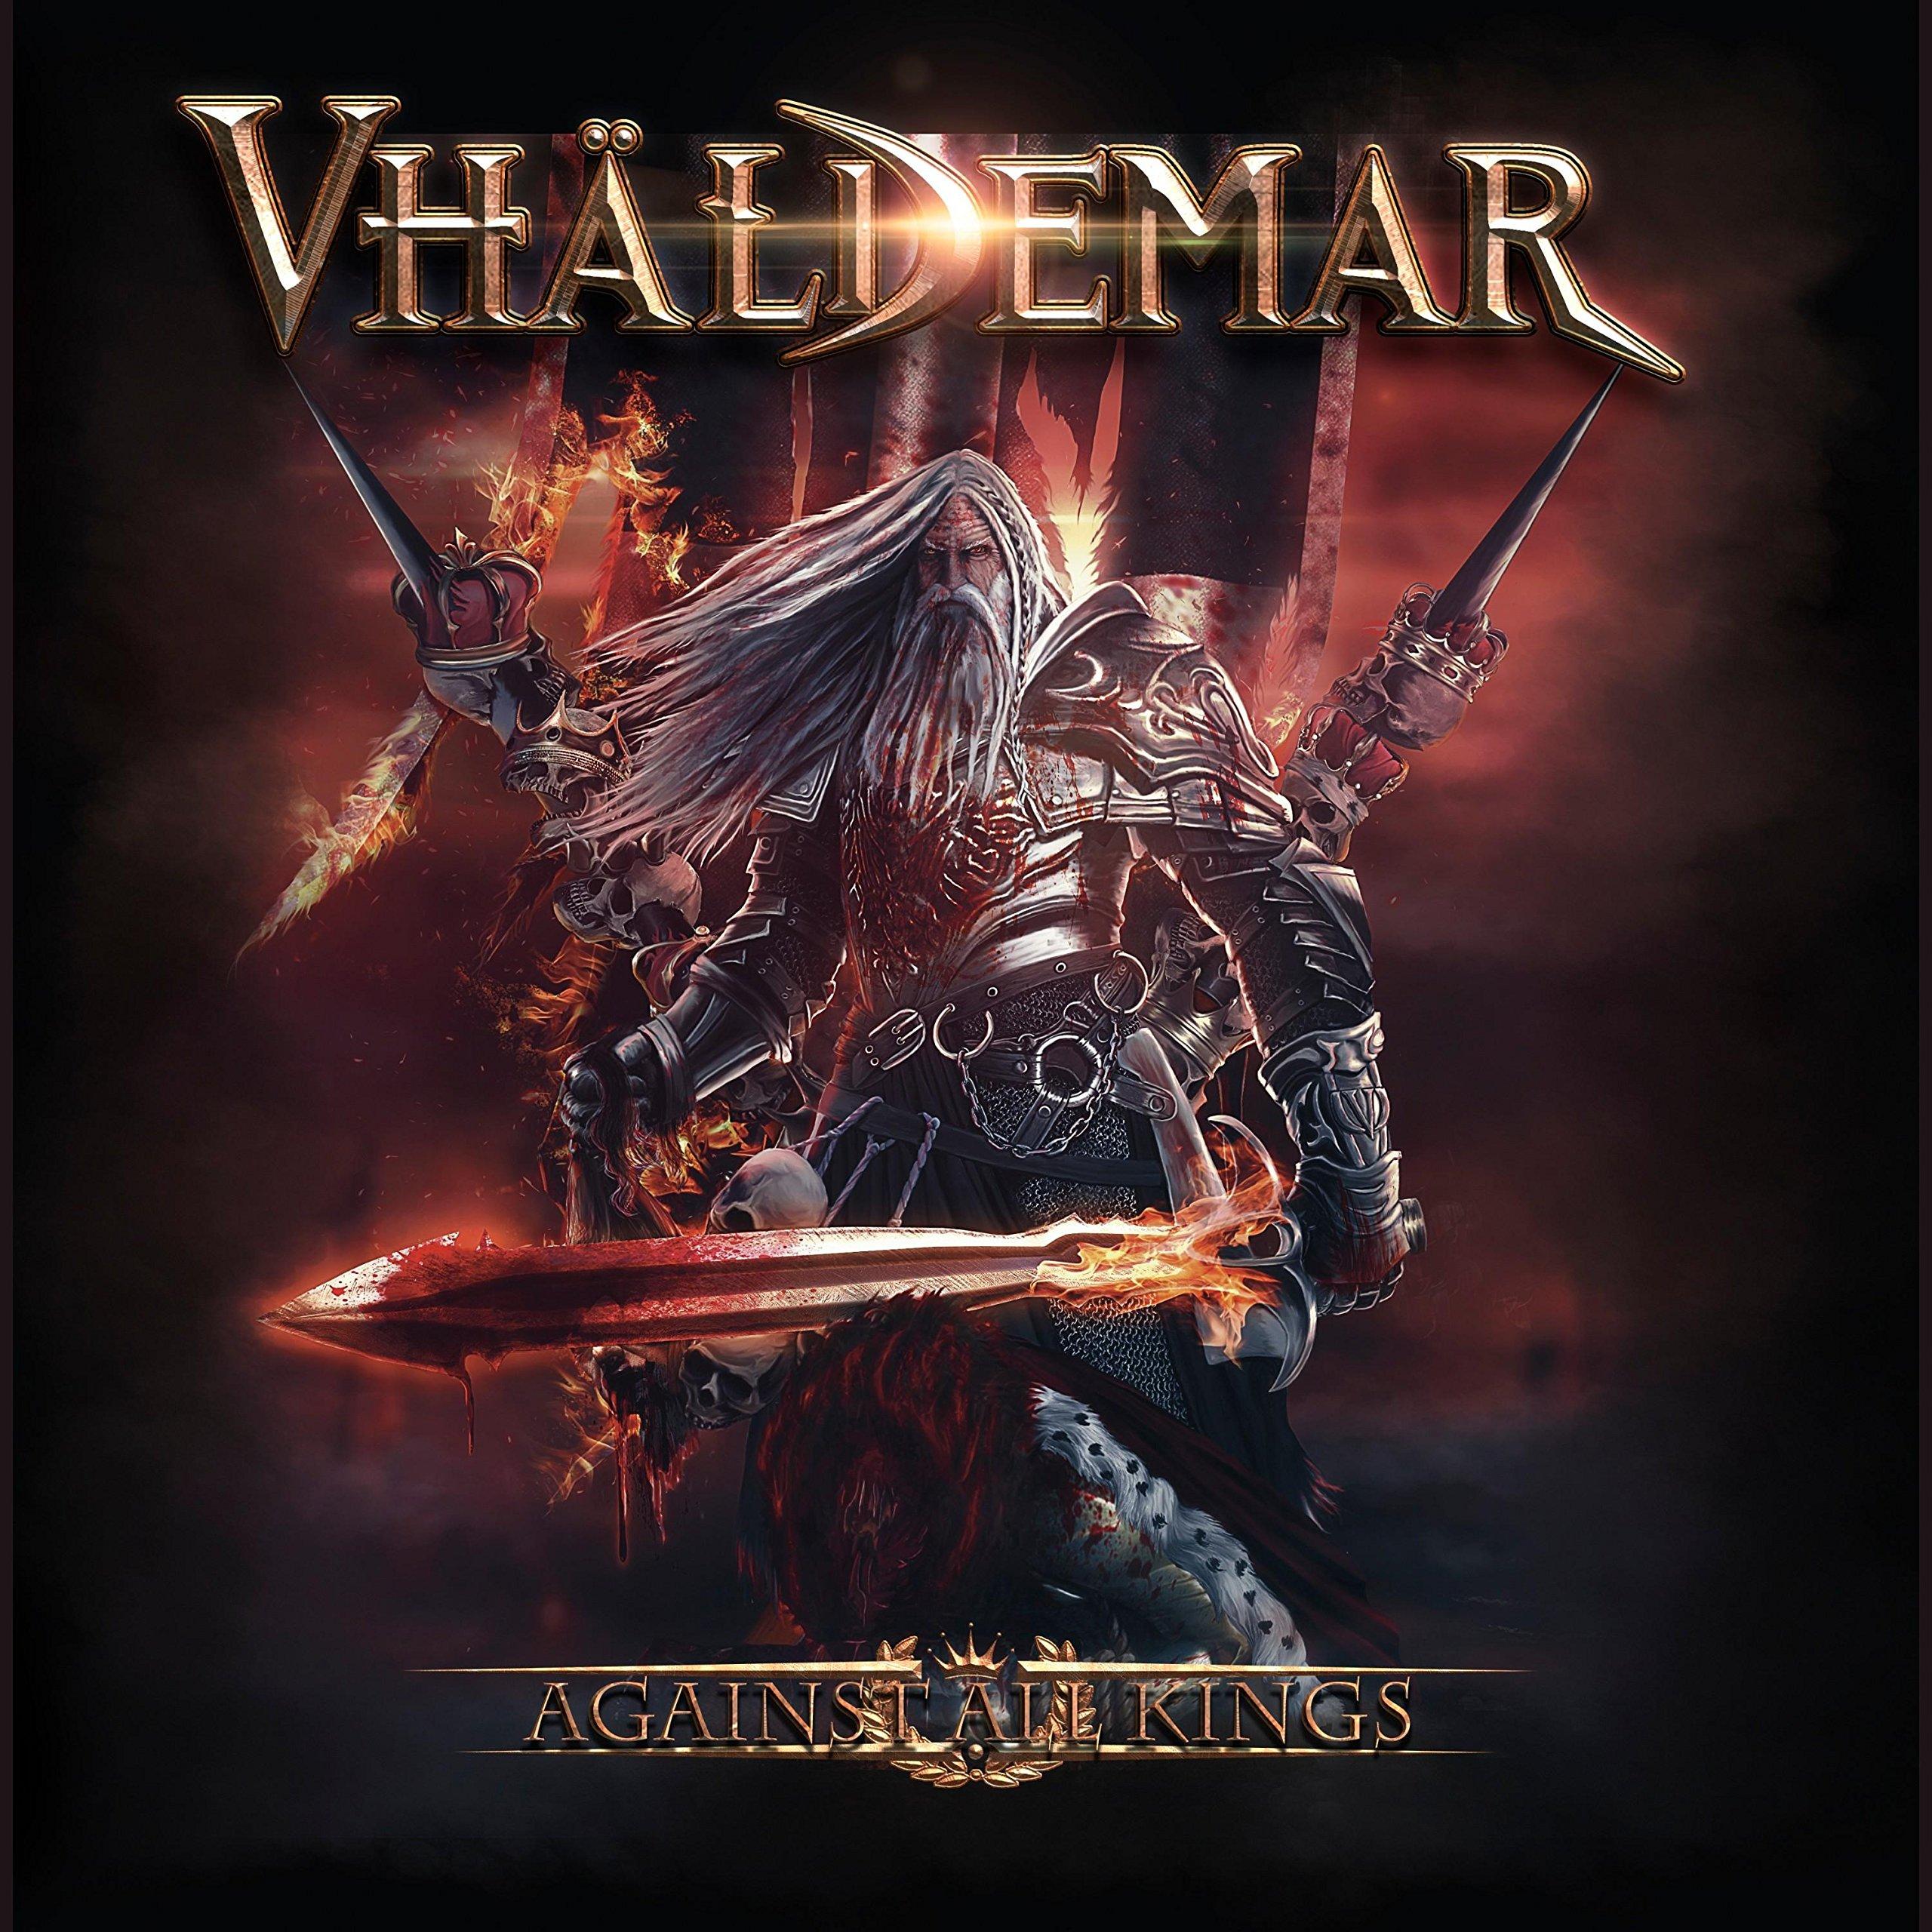 Vhaldemar - Against All Kings (2017) [FLAC] Download